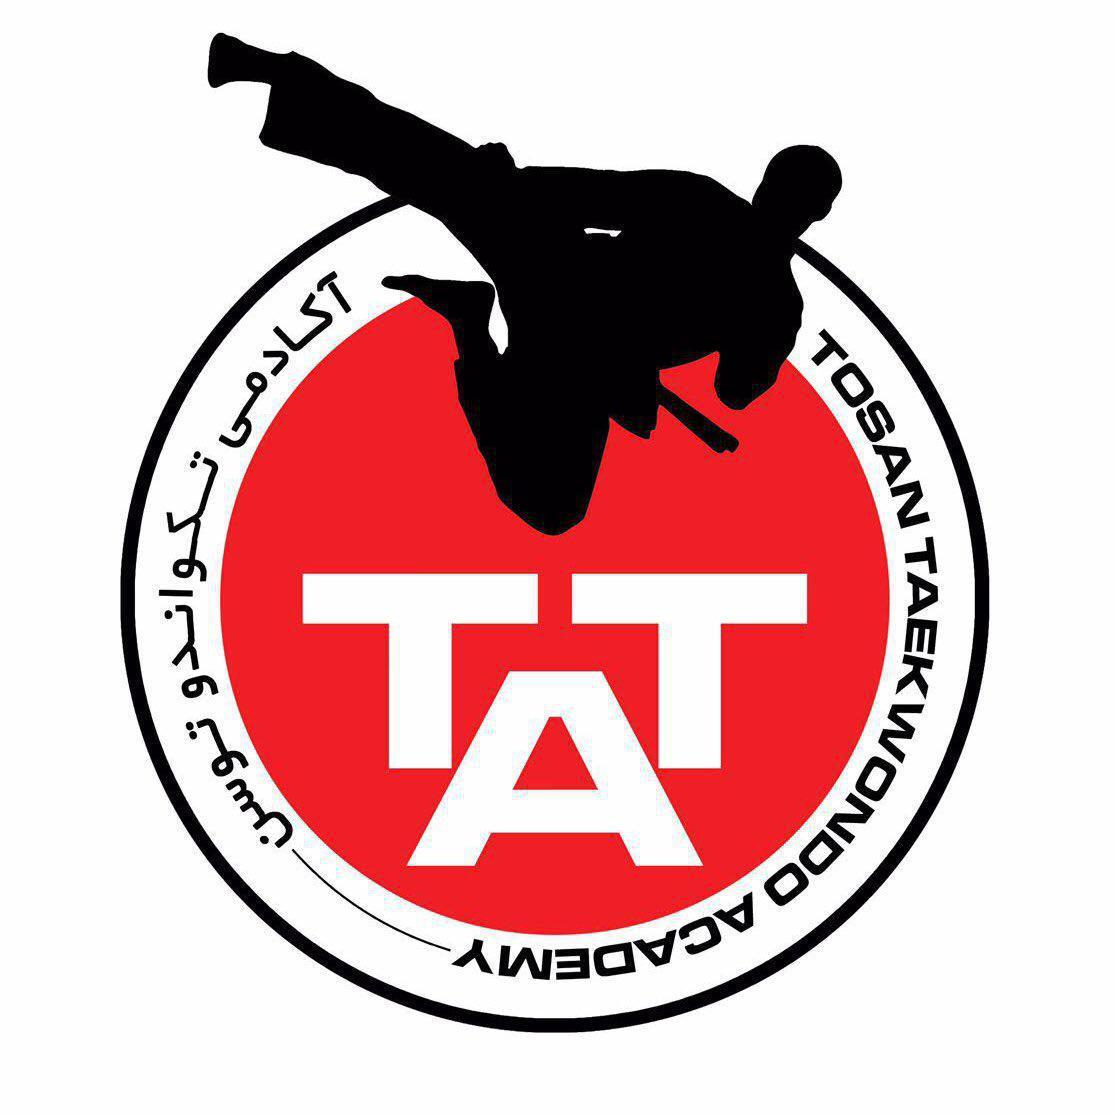 برگ زرینی دیگر بر تابلوی افتخارات آکادمی تکواندو توسن